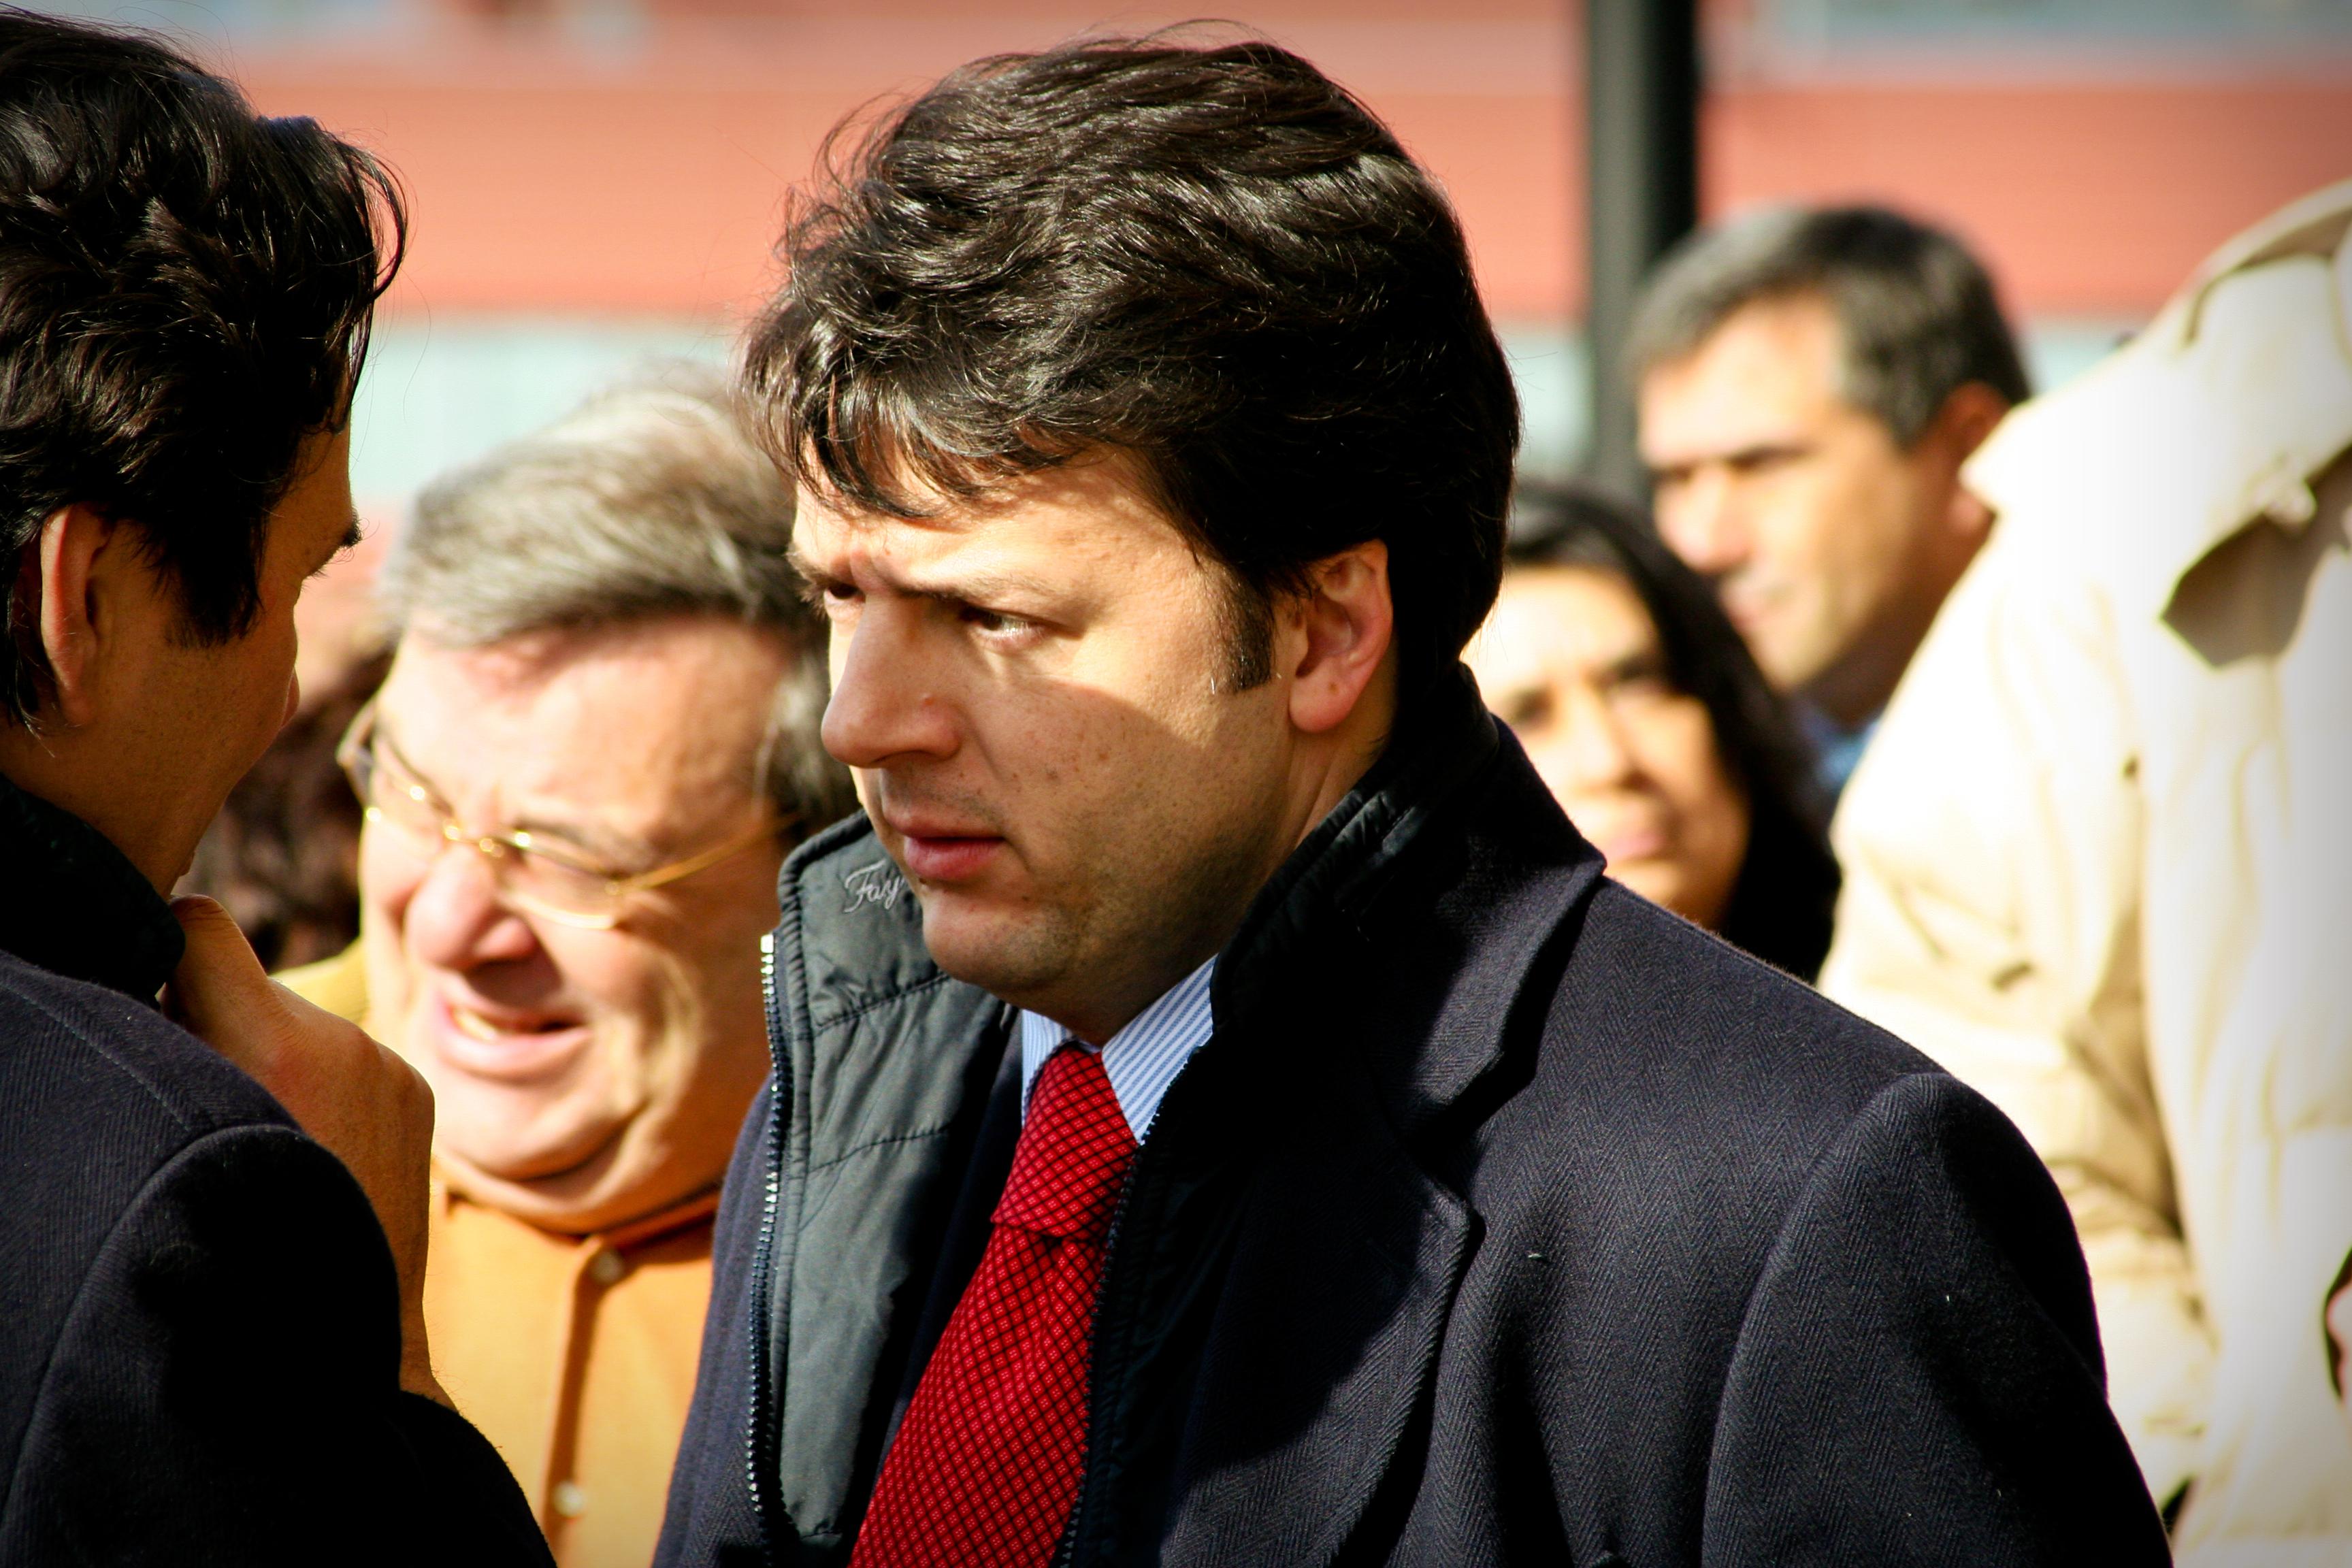 Αποτέλεσμα εικόνας για matteo renzi mayor of florence